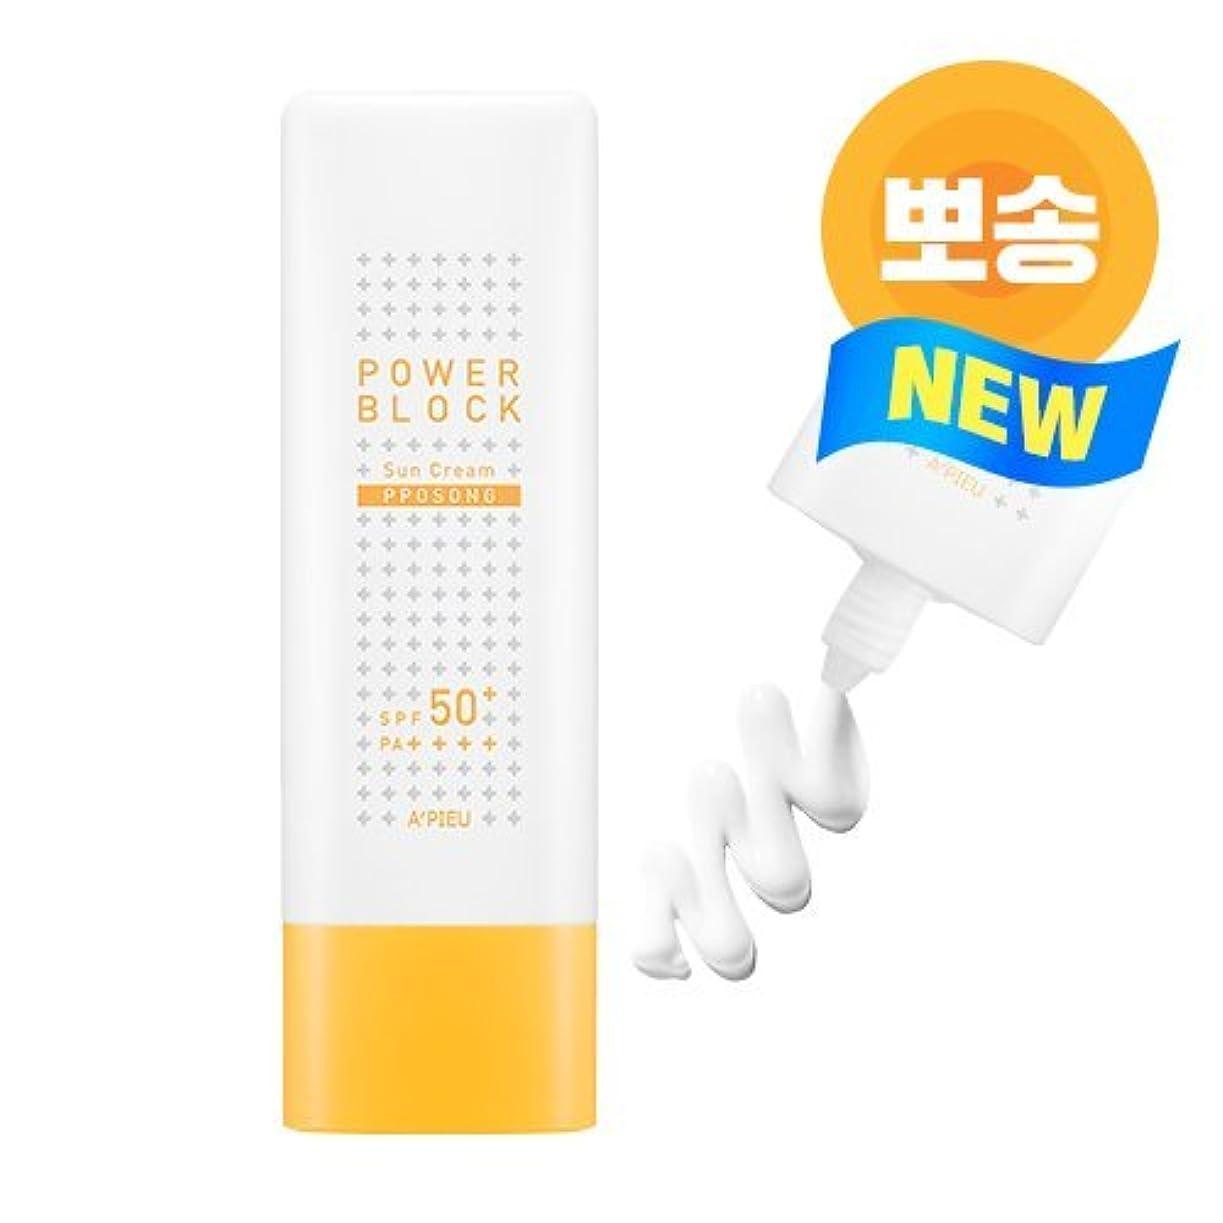 リーダーシップバレエ初心者A'PIEU Power Block Sun Cream PPOSONG SPF50+ PA++++ [オピュ/アピュ] パワーブロックサラサラ日焼け止め [並行輸入品]